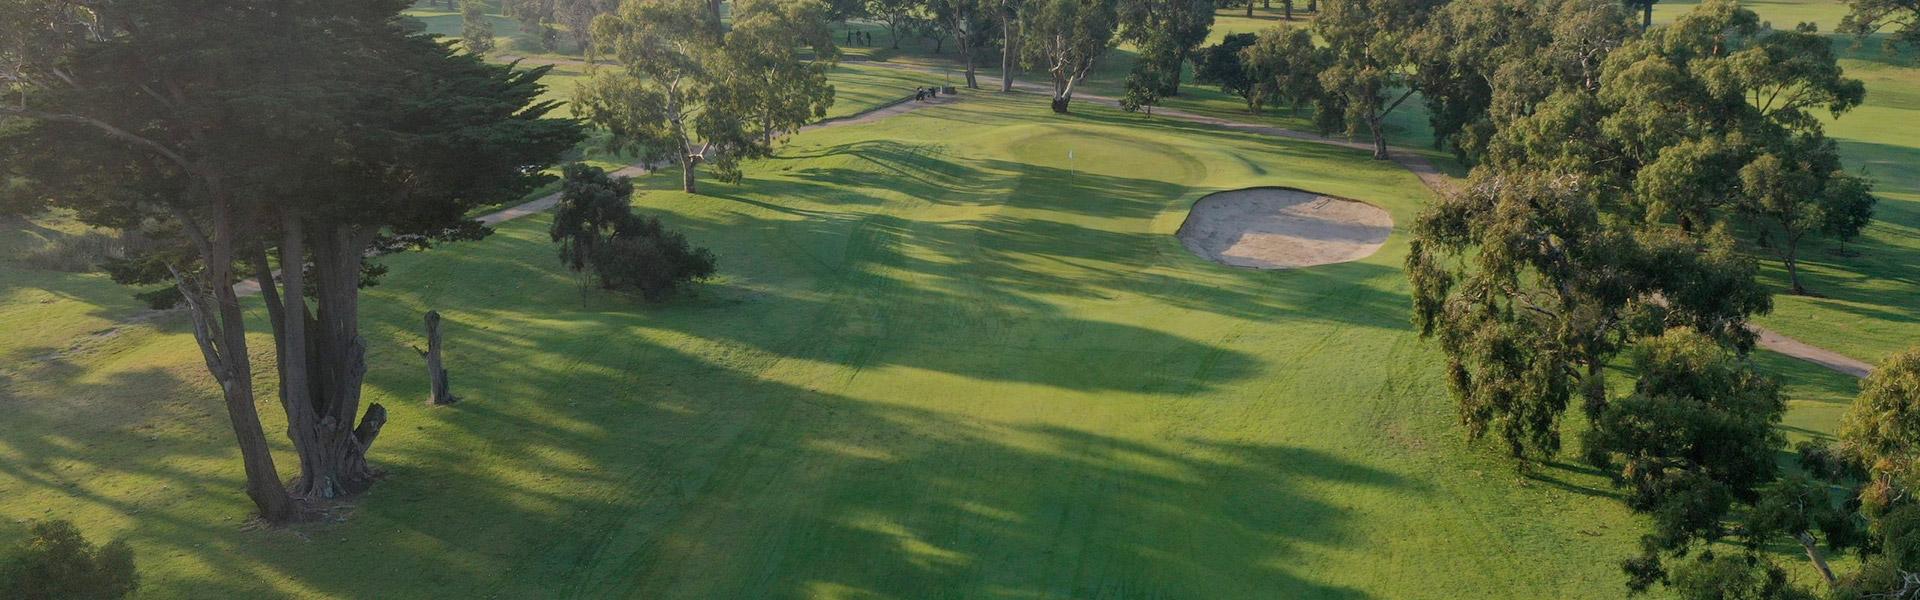 Hole 1 - Rossdale Golf Club